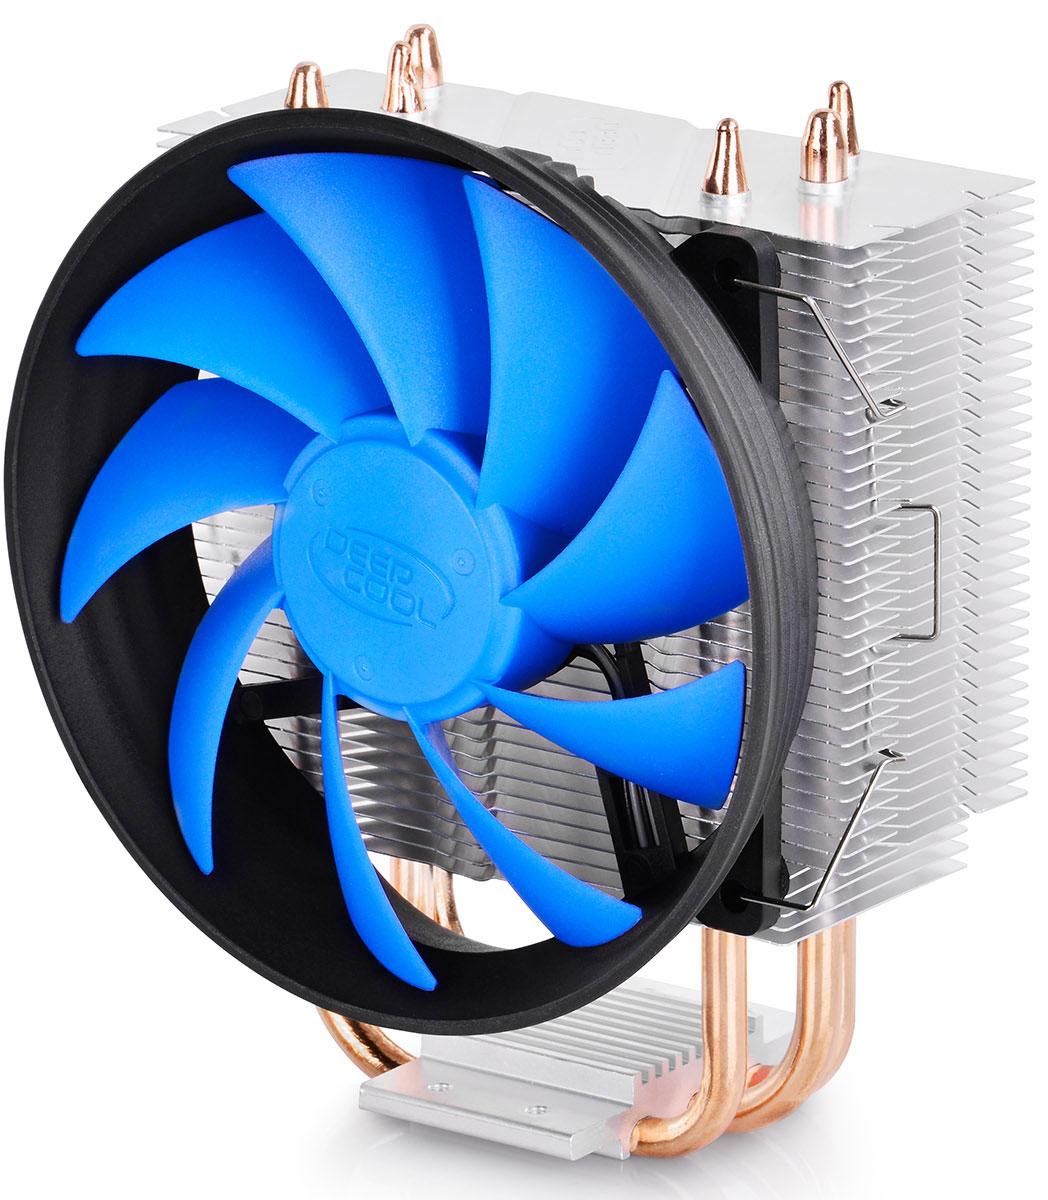 Deepcool GAMMAXX 300 кулер для процессораGAMMAXX 300Система охлаждения Deepcool GAMMAXX 300 с вентилятором в форме турбины является одним из самых рекомендуемых кулеров для всех современных процессоров. GAMMAXX 300 поддерживает технологию Core Touch для максимально быстрого отвода и рассеивания тепла. Благодаря возможности подключения дополнительного вентилятора GAMMAXX 300 станет отличным решением для охлаждения игровых систем.Три тепловых трубки из спекаемого порошка контактируют непосредственно с поверхностью процессора для быстрого отвода тепла и предотвращения перегреваВентилятор с габаритами 120 х 120 х 25 мм и поддержкой ШИМ-управления обеспечивает оптимальную вентиляциюСистема оснащена несколькими крепежами для поддержки платформ Intel LGA1366/1156/1155/1151/1150/775 и AMD AM4/FM2/FM1/AM3+/AM3/AM2+/AM2/K8